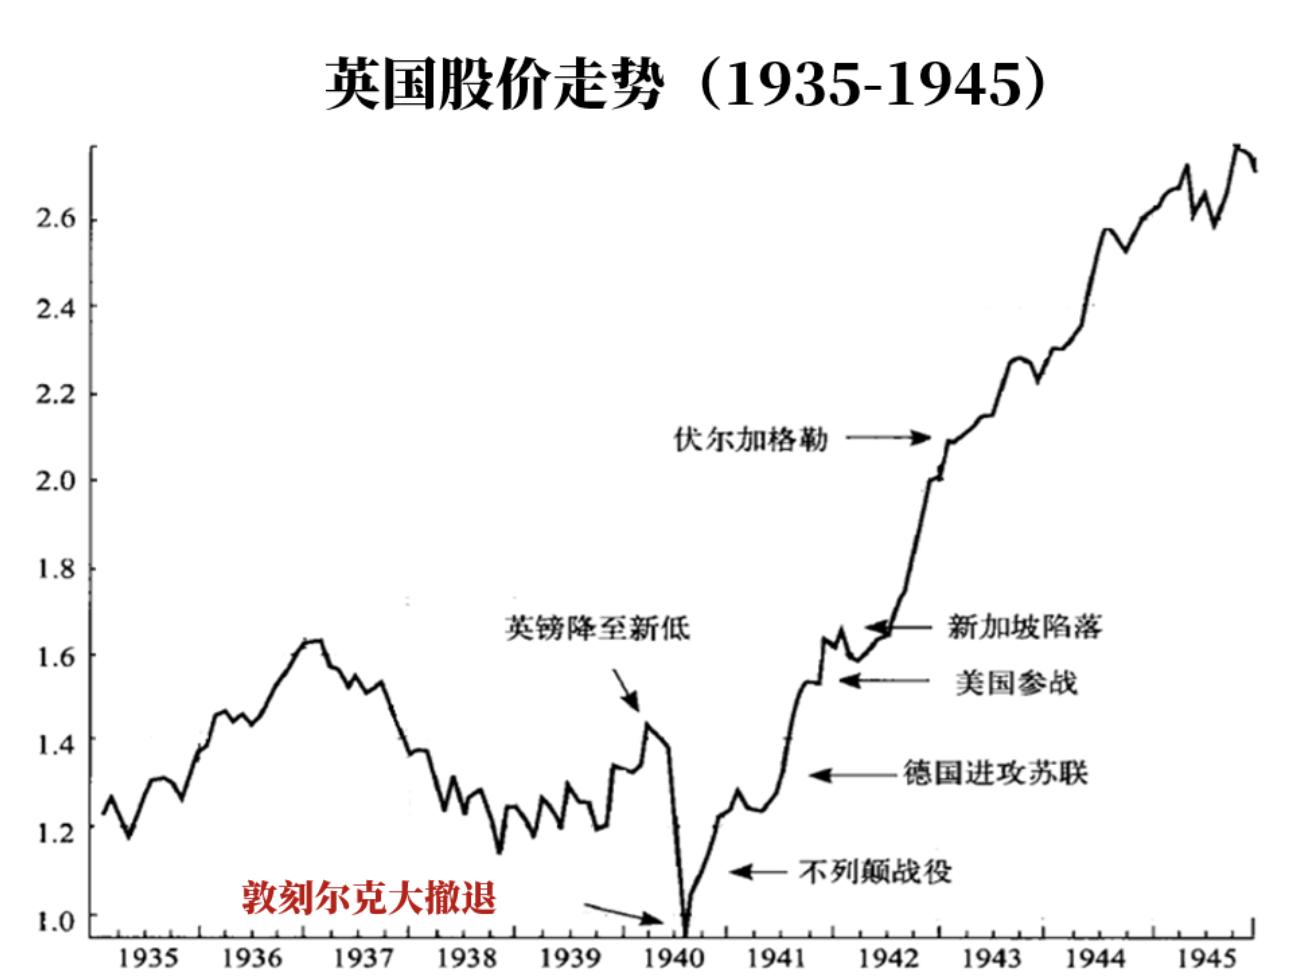 二战中股市的重要拐点及给股民的启示